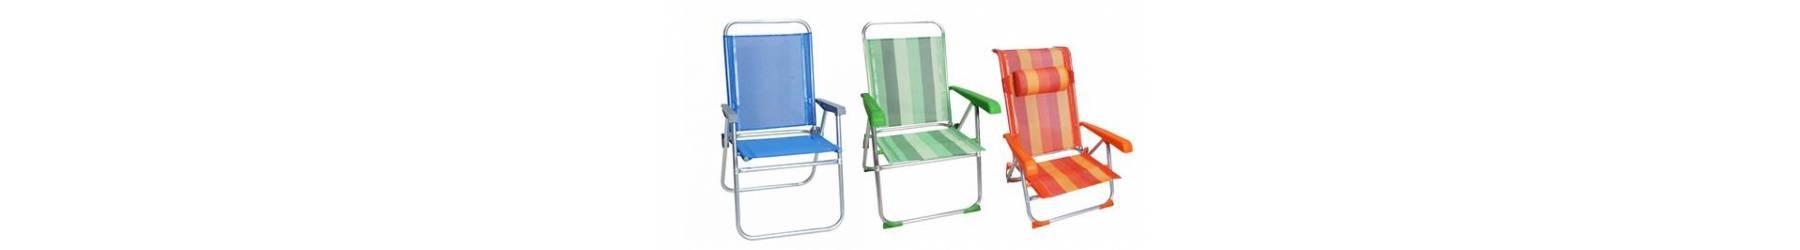 Καρέκλες και καρεκλάκια camping - παραλίας